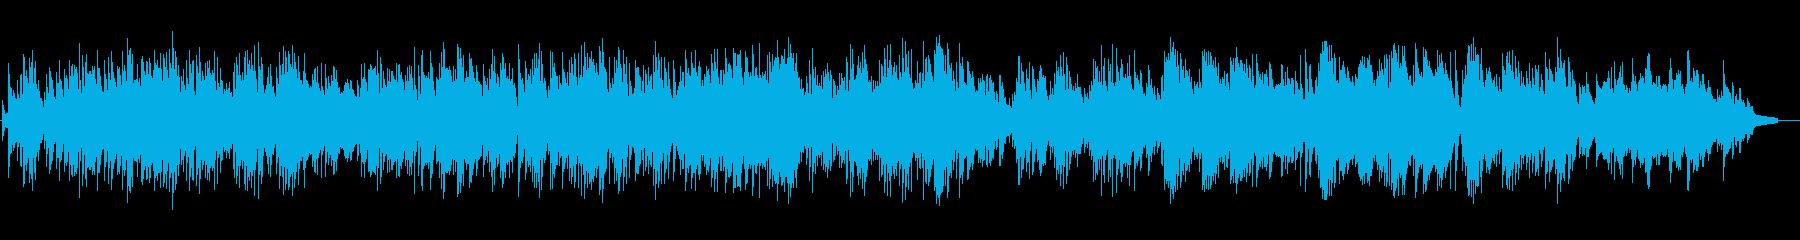 優しいピアノの再生済みの波形